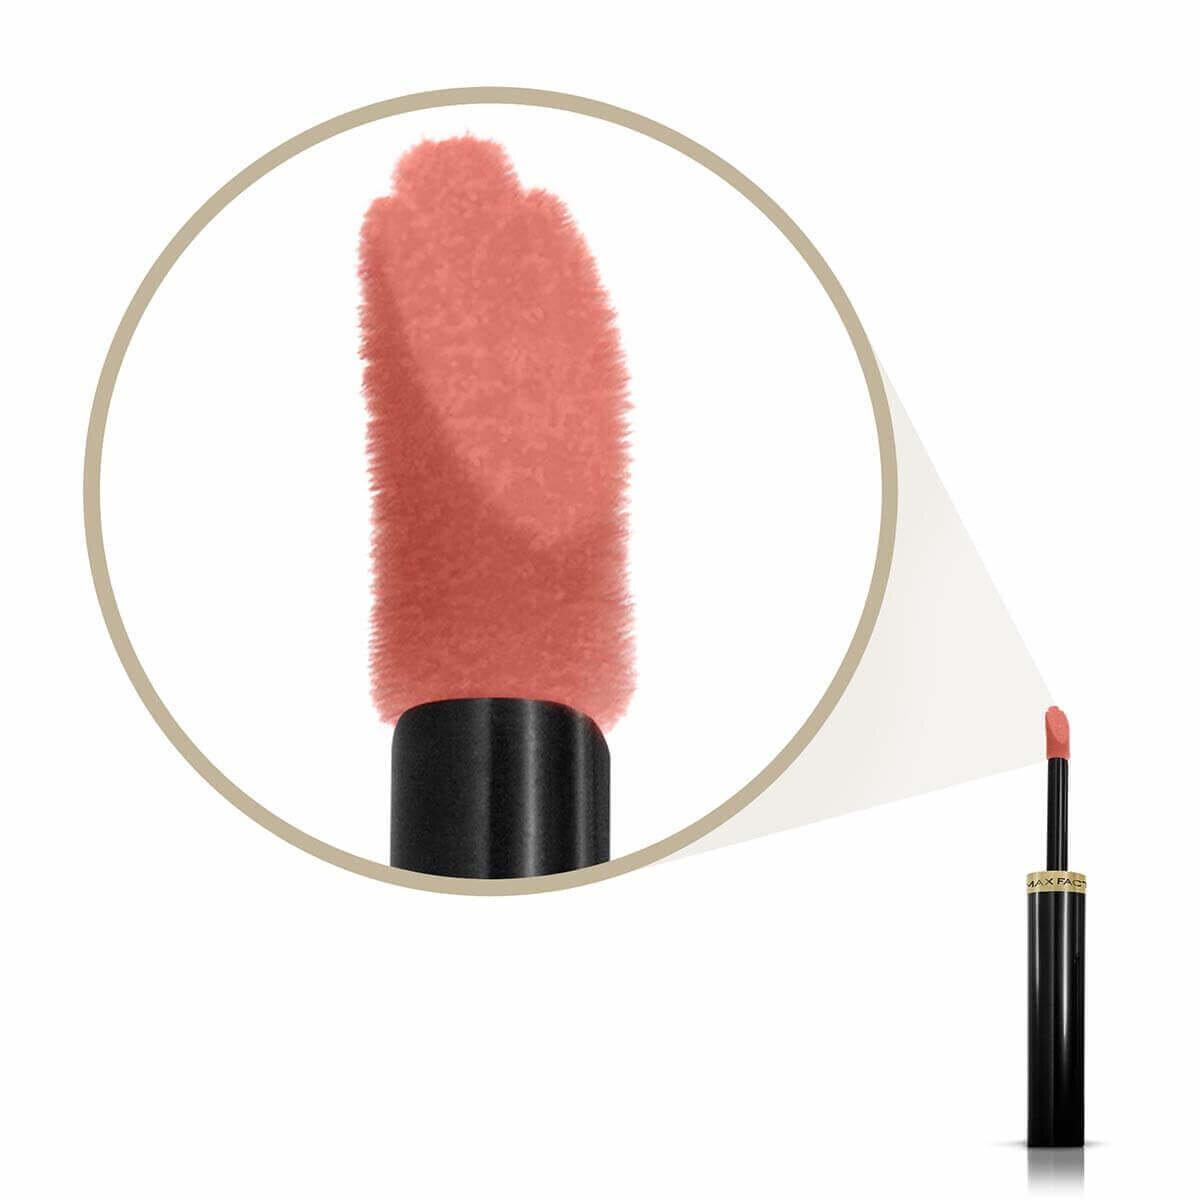 Lipfinity Lipstick Ruj No. 150 Bare